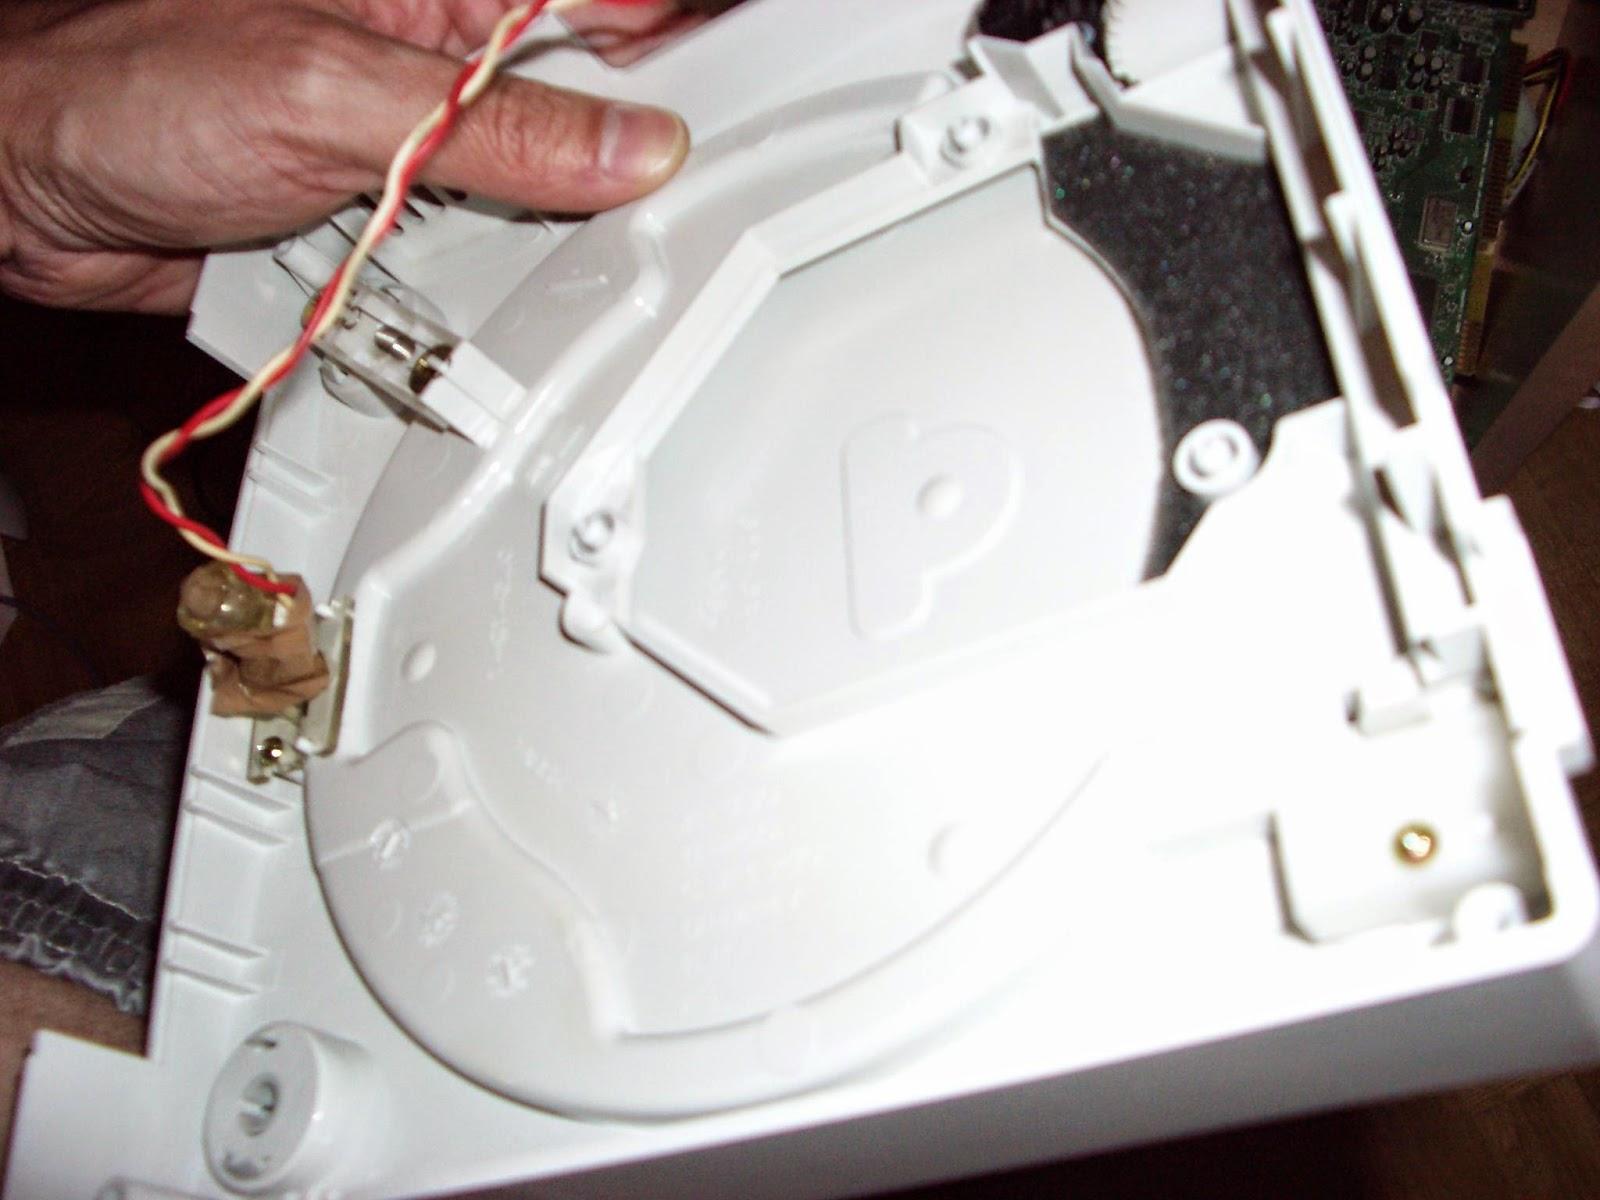 Nuevo led en la carcasa de Dreamcast